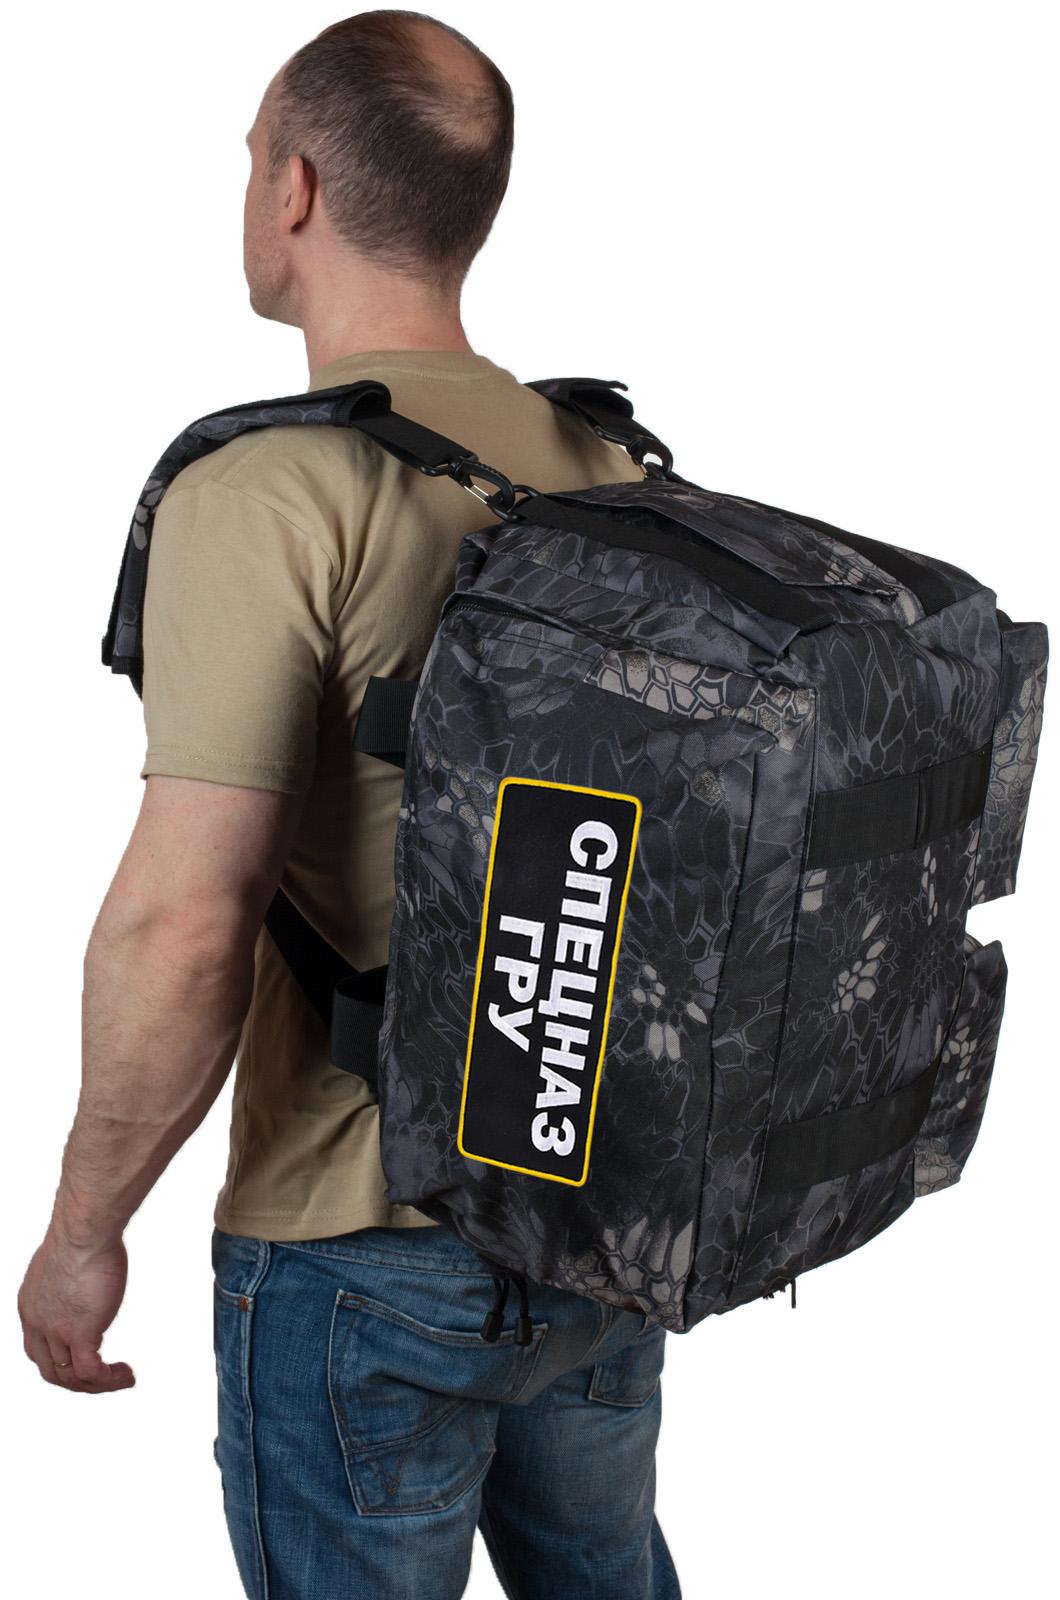 Продажа тактического снаряжения Спецназа ГРУ – рюкзаки и сумки